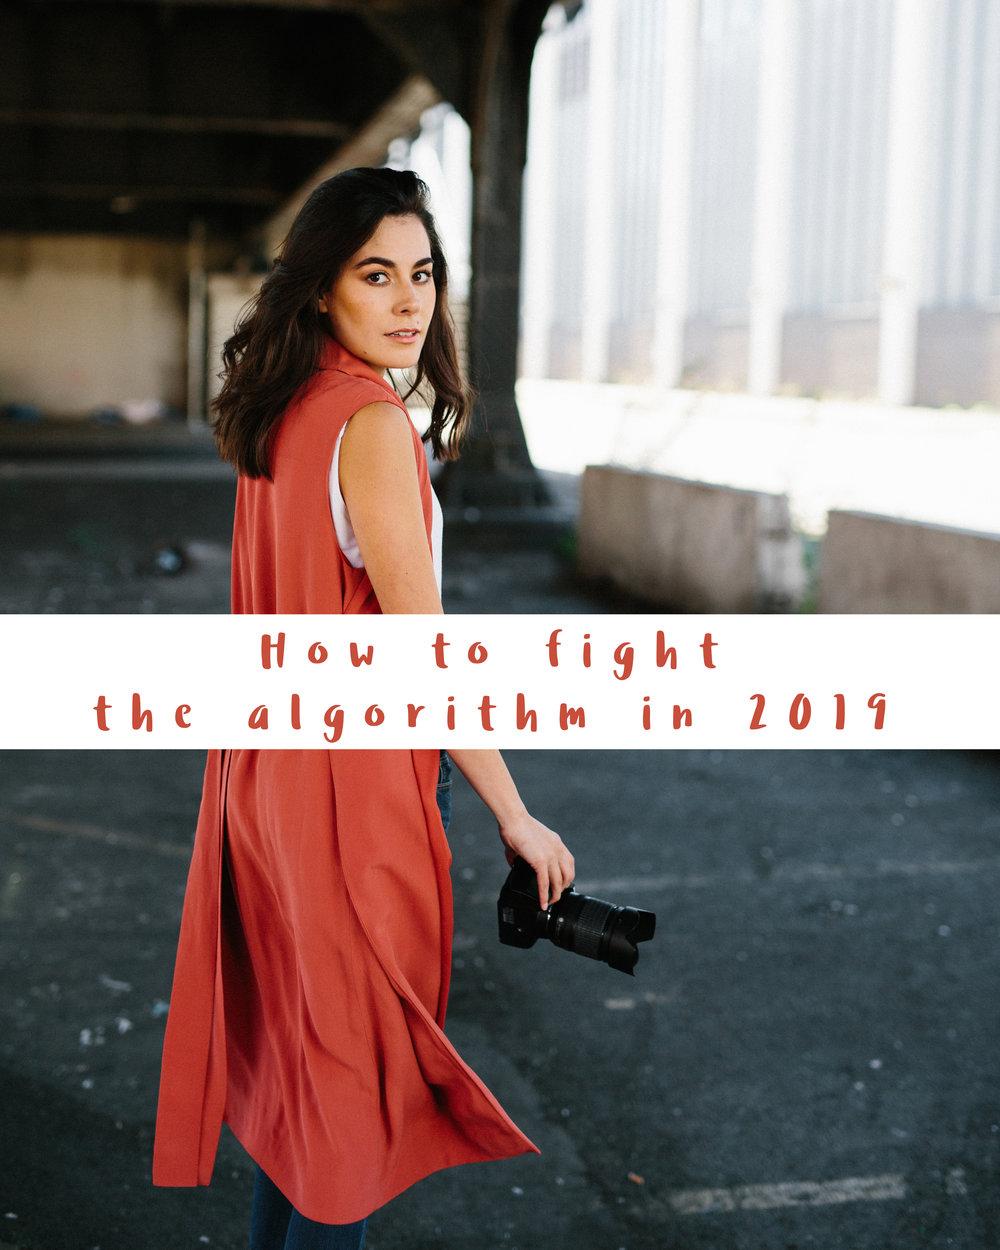 howtofightthealgorithmin2019_cover.jpg